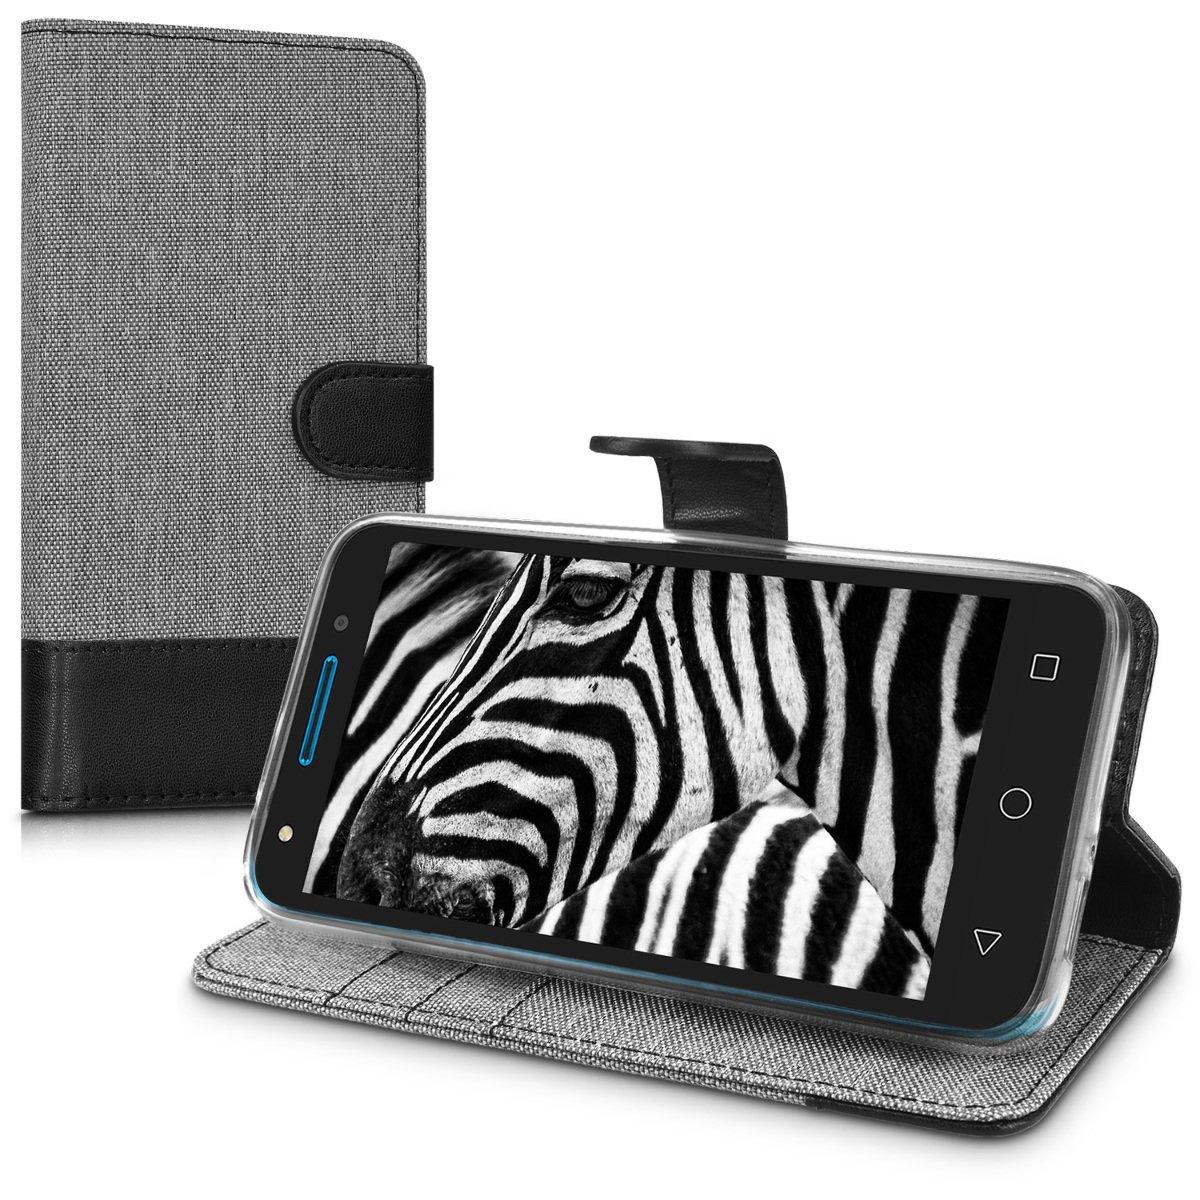 KW Θήκη Πορτοφόλι Alcatel U5 - Grey / Black Canvas (42324.22)